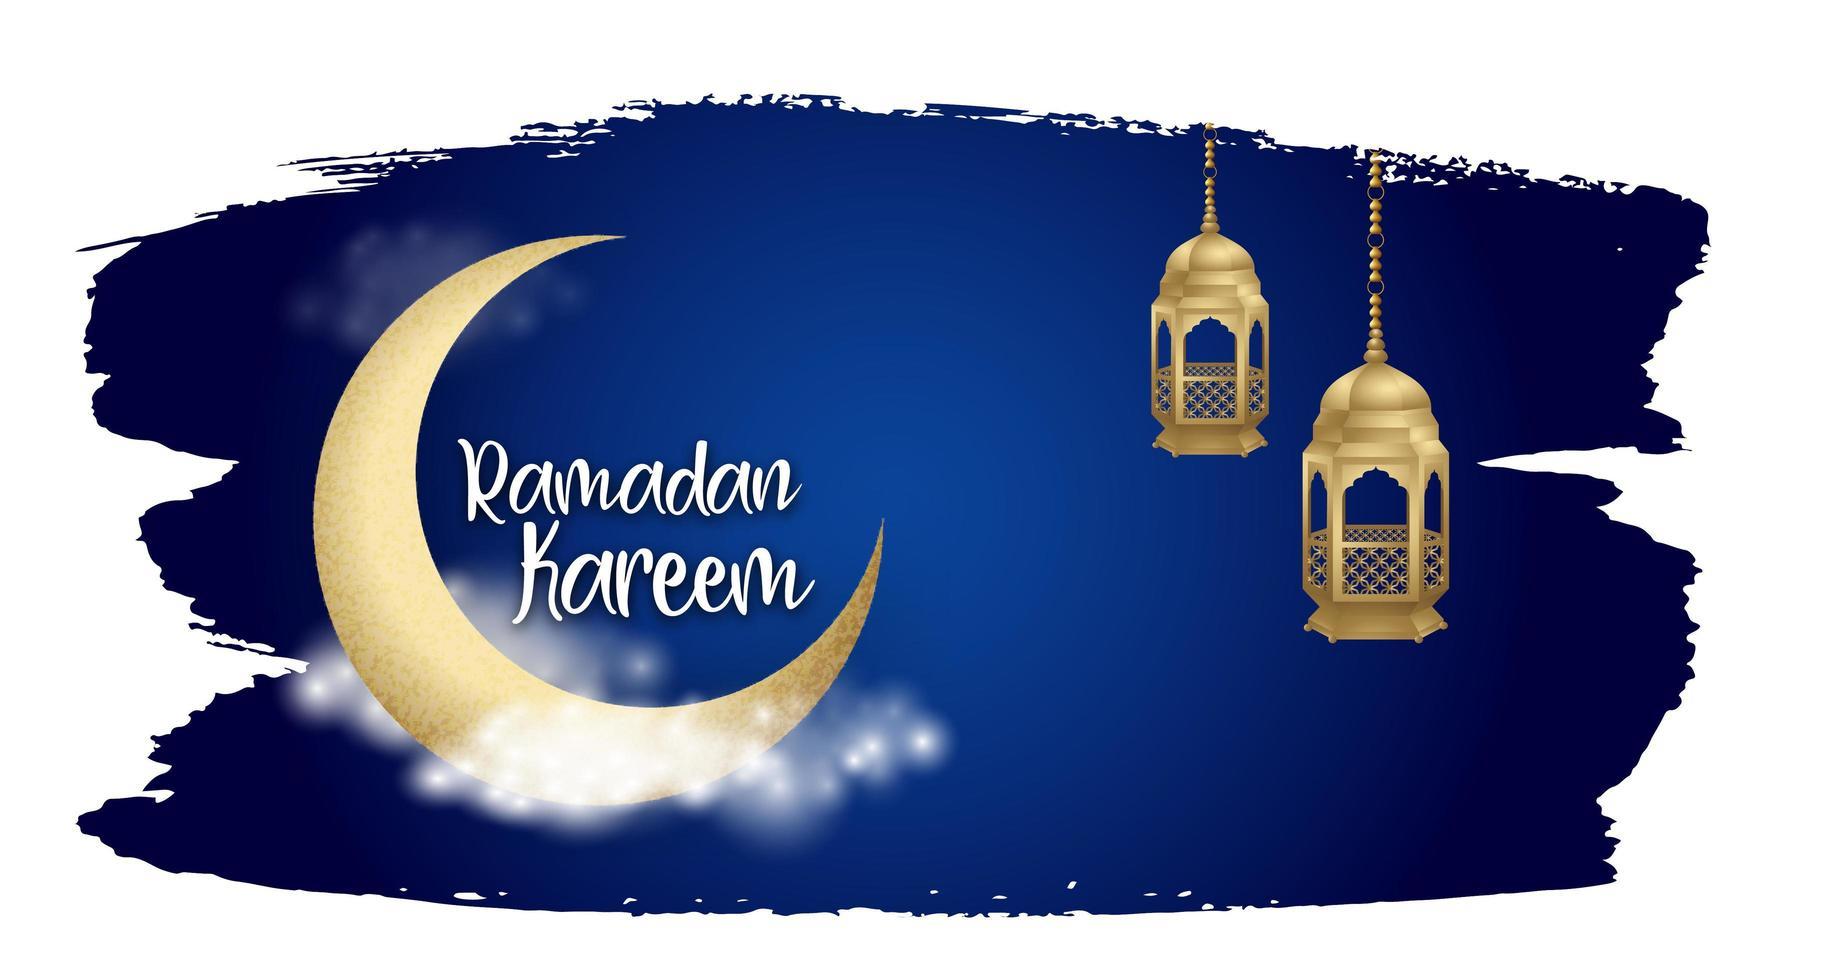 ramadan kareem nachtelijke hemel penseelstreek achtergrond vector